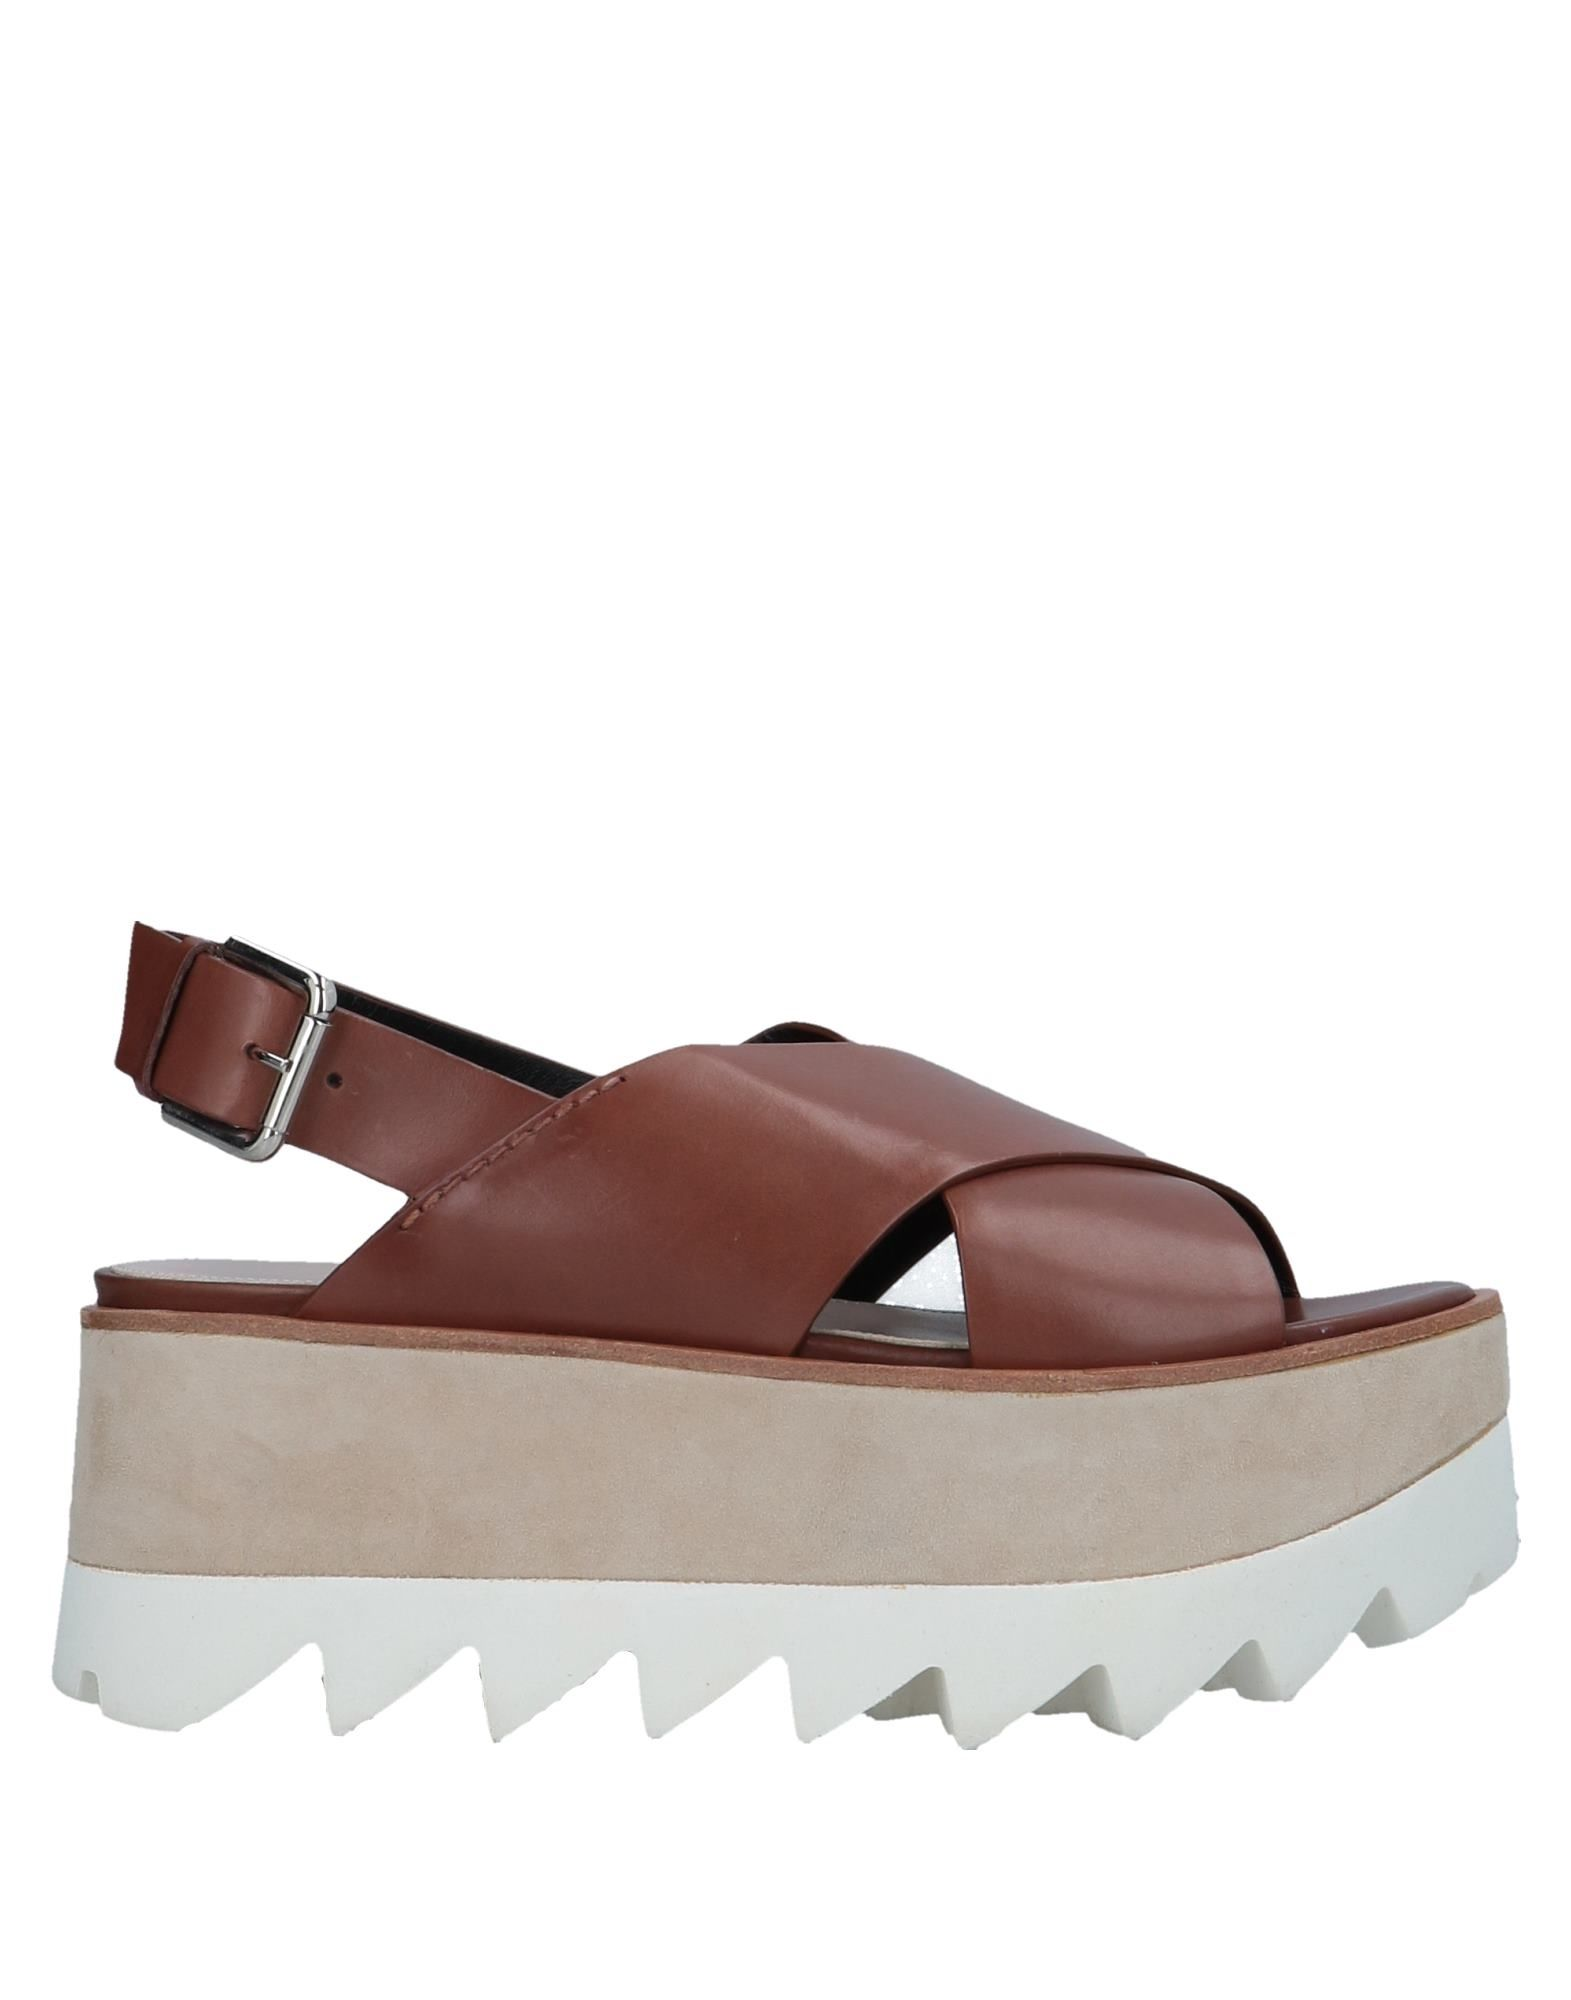 Rabatt Schuhe Premiata Sandalen  Damen  Sandalen 11517021QE 07d960